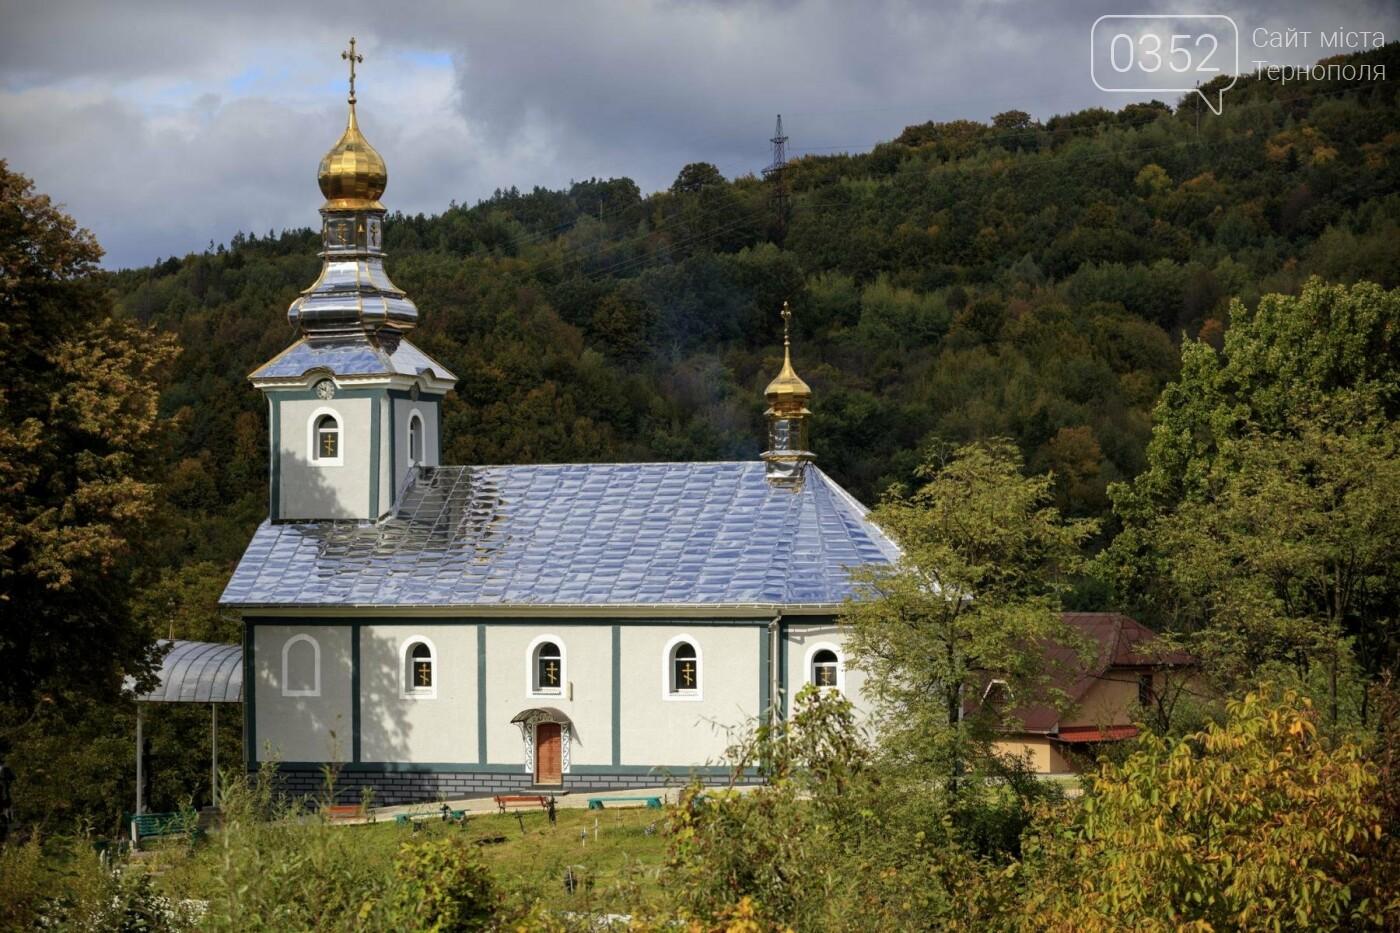 МХП допомагає зберігати святині: єдність громад через підтримку місцевих храмів, фото-1